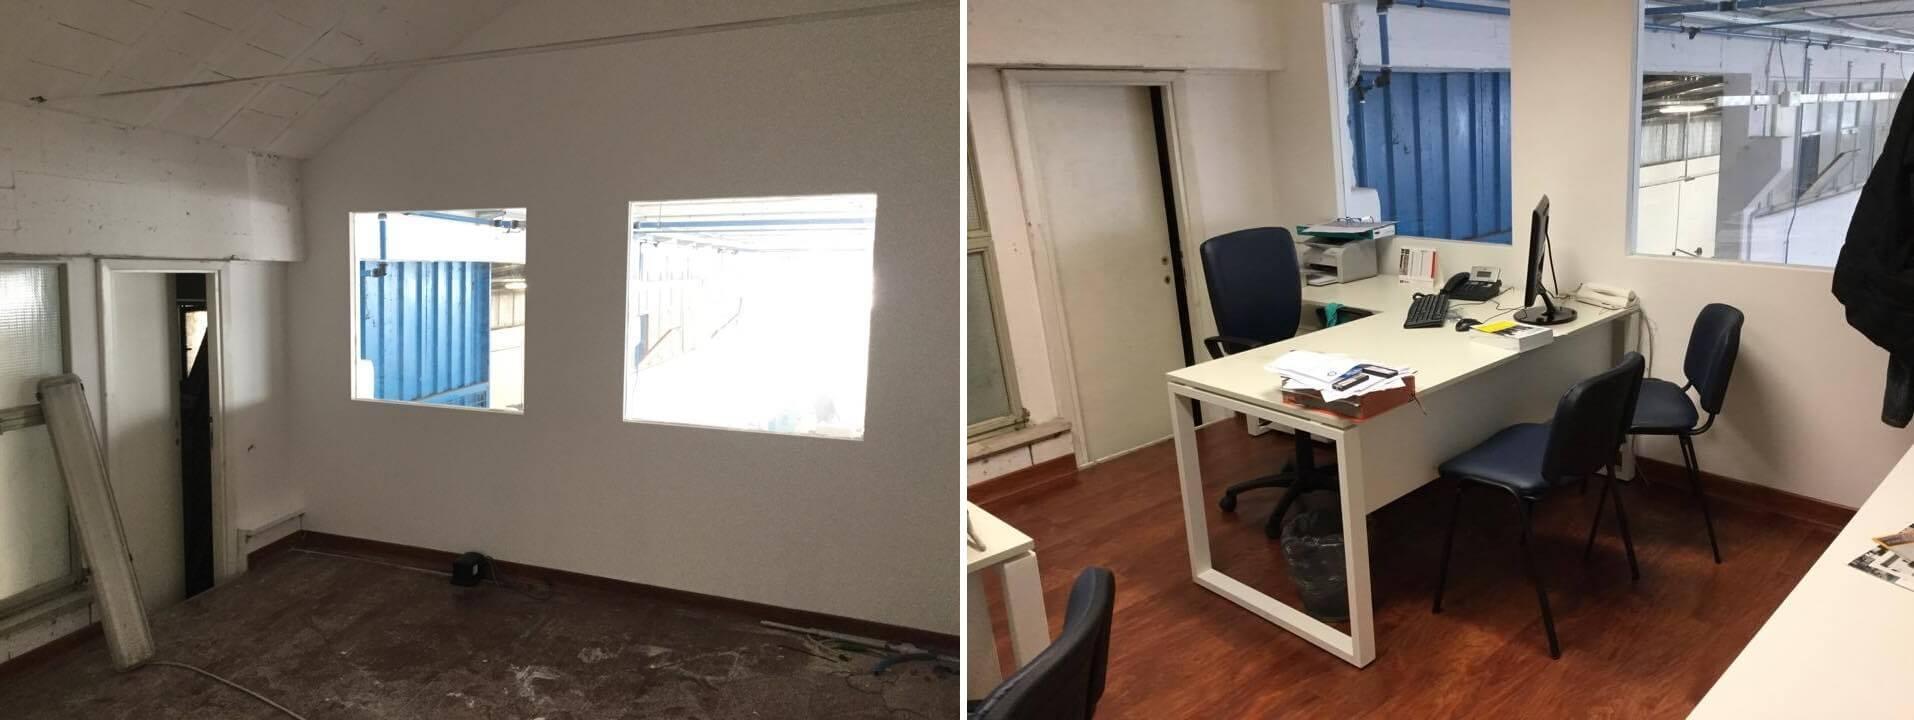 Ristrutturazione ed arredamento ufficio roma gruppo smau for Negozi arredamento ufficio